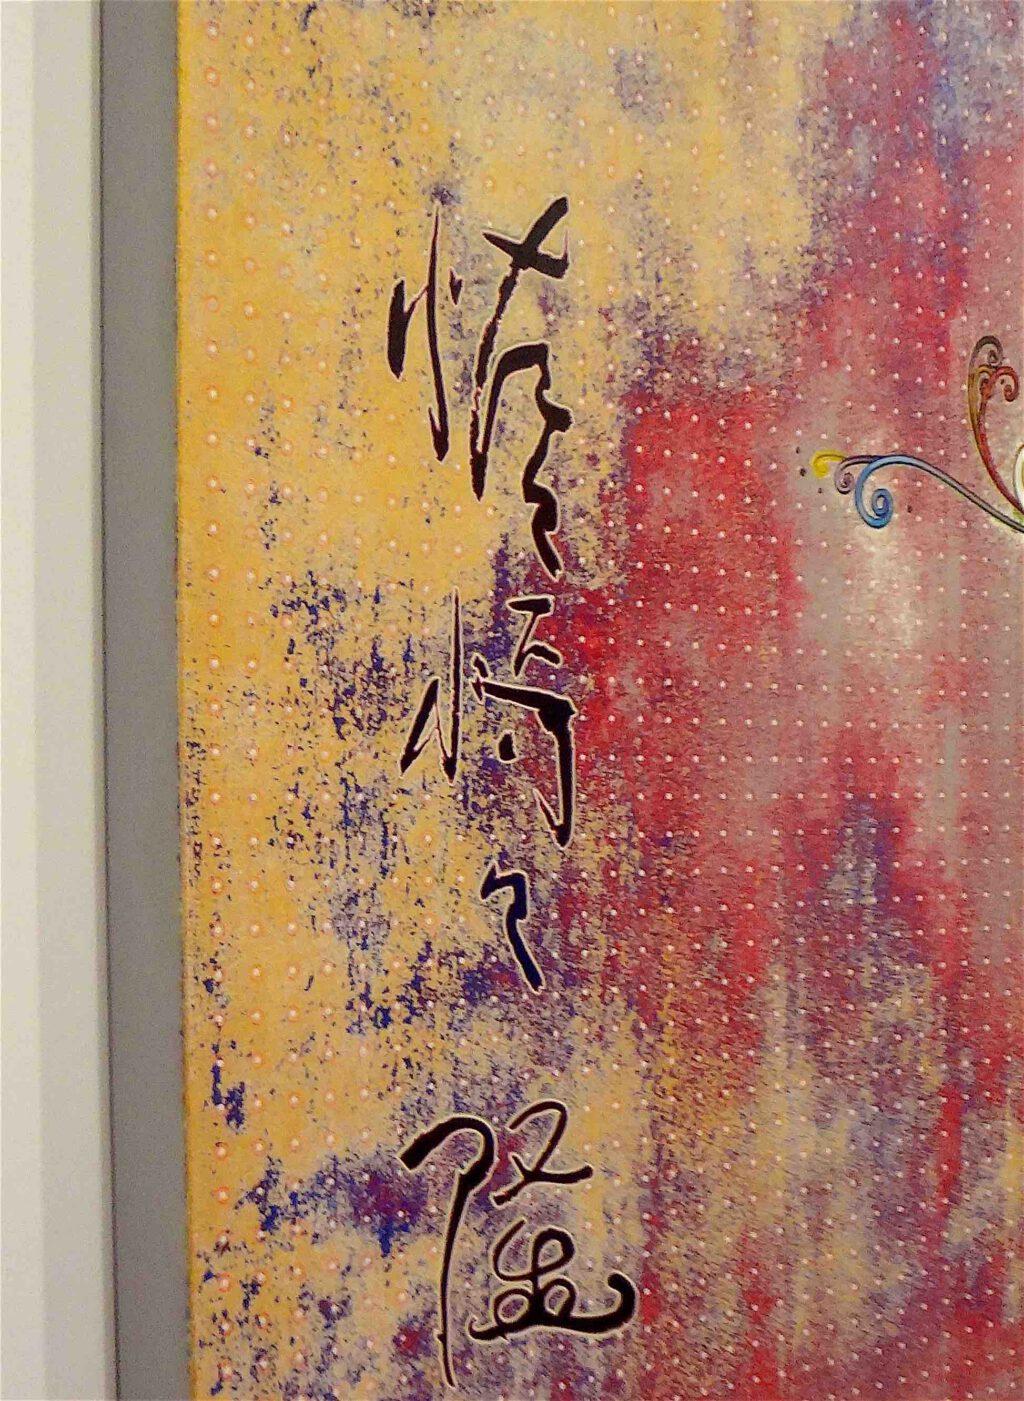 """村上隆 Takashi Murakami """"727-272 The Emergence of God At The Reversal of Fate"""" 2006-2009, detail1"""